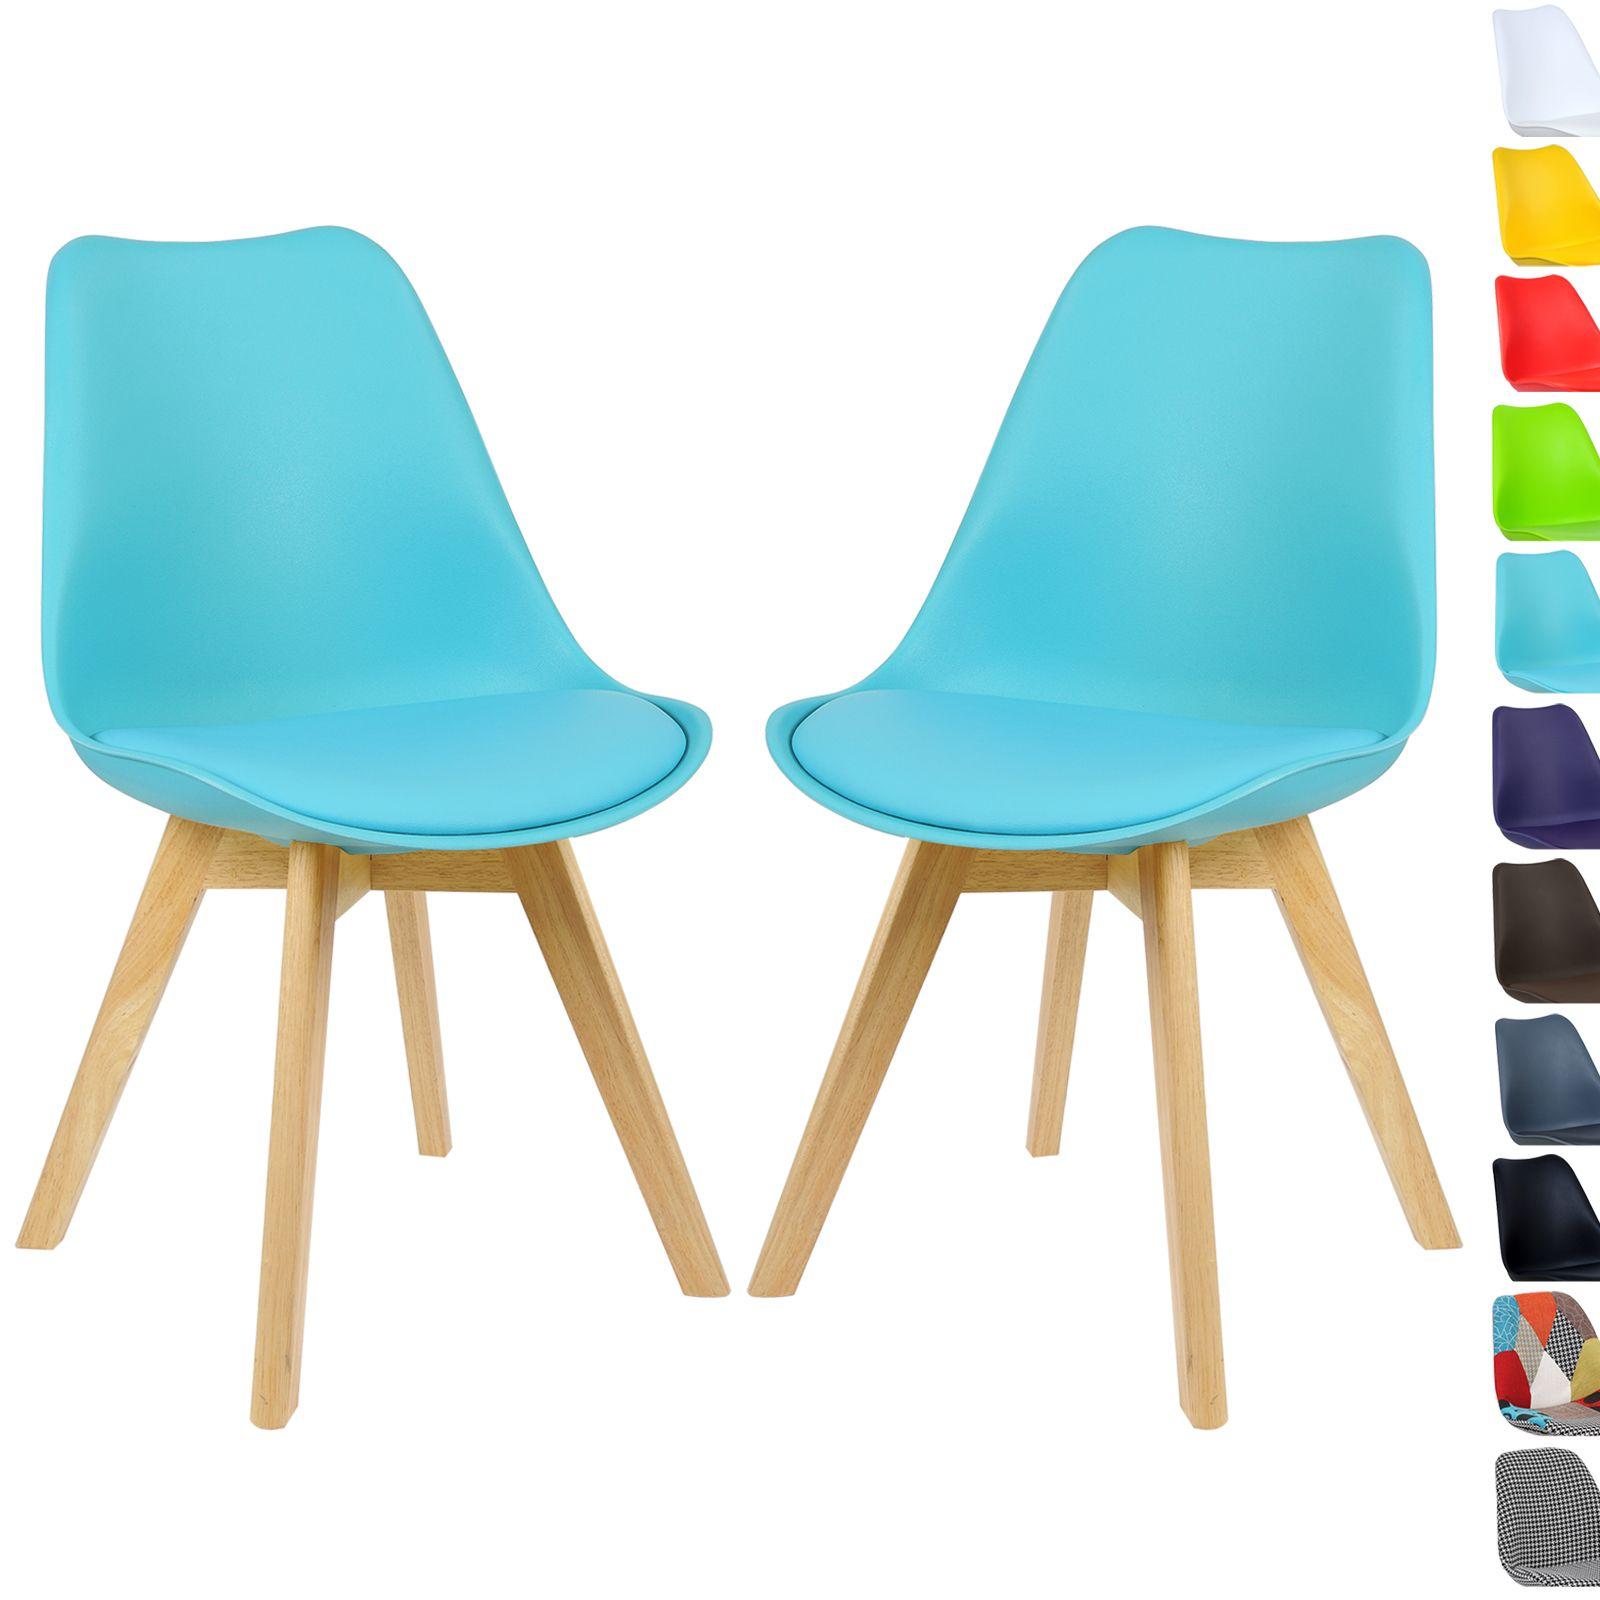 Schön Esszimmerstühle Holz Gepolstert Dekoration Von Stuhl Esszimmerstühle Esszimmerstuhl Design Küchenstuhl Blau Bh29bl-2